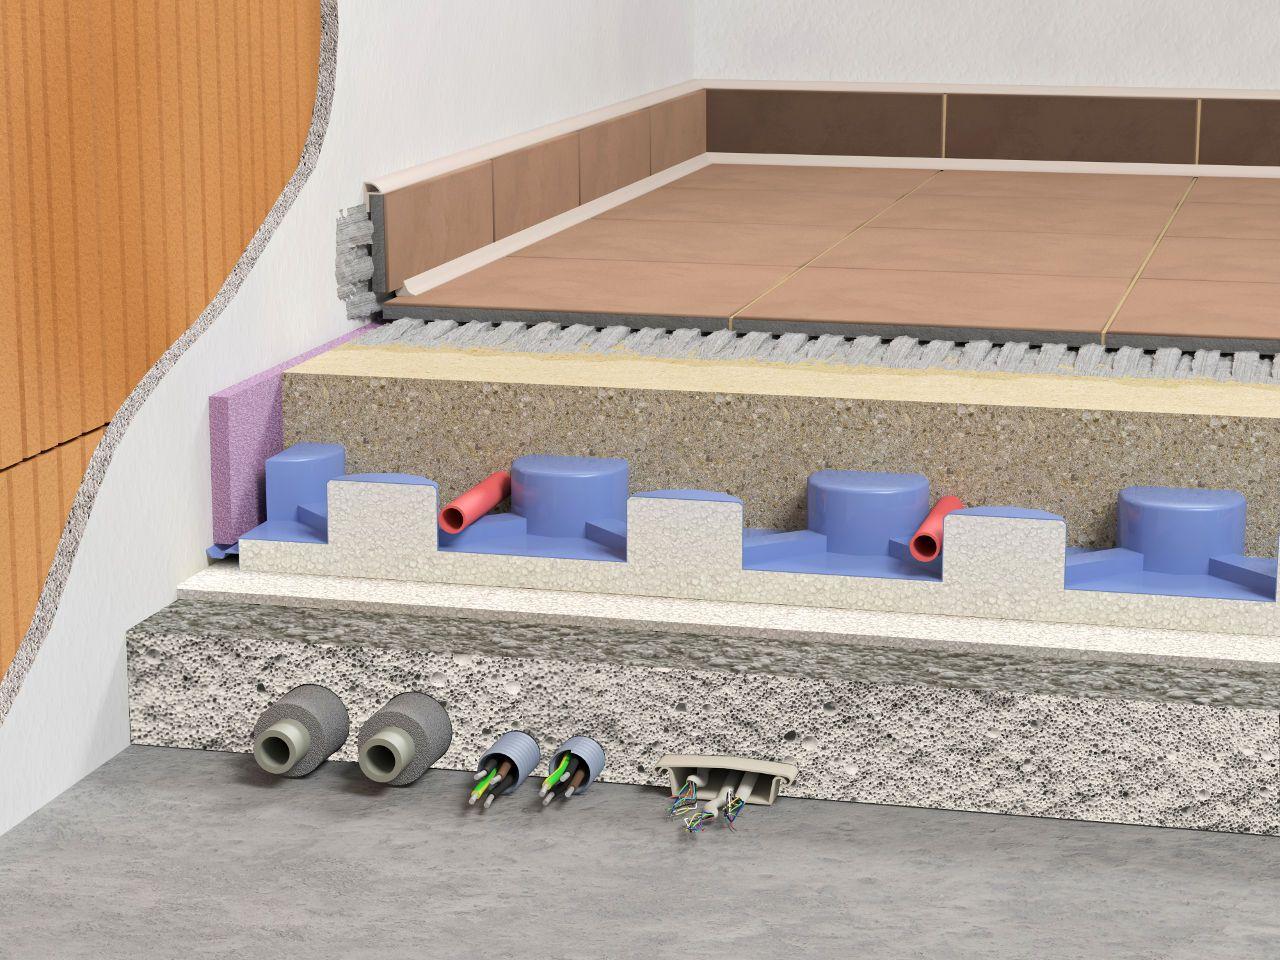 Skladba pěnobetonové podlahy